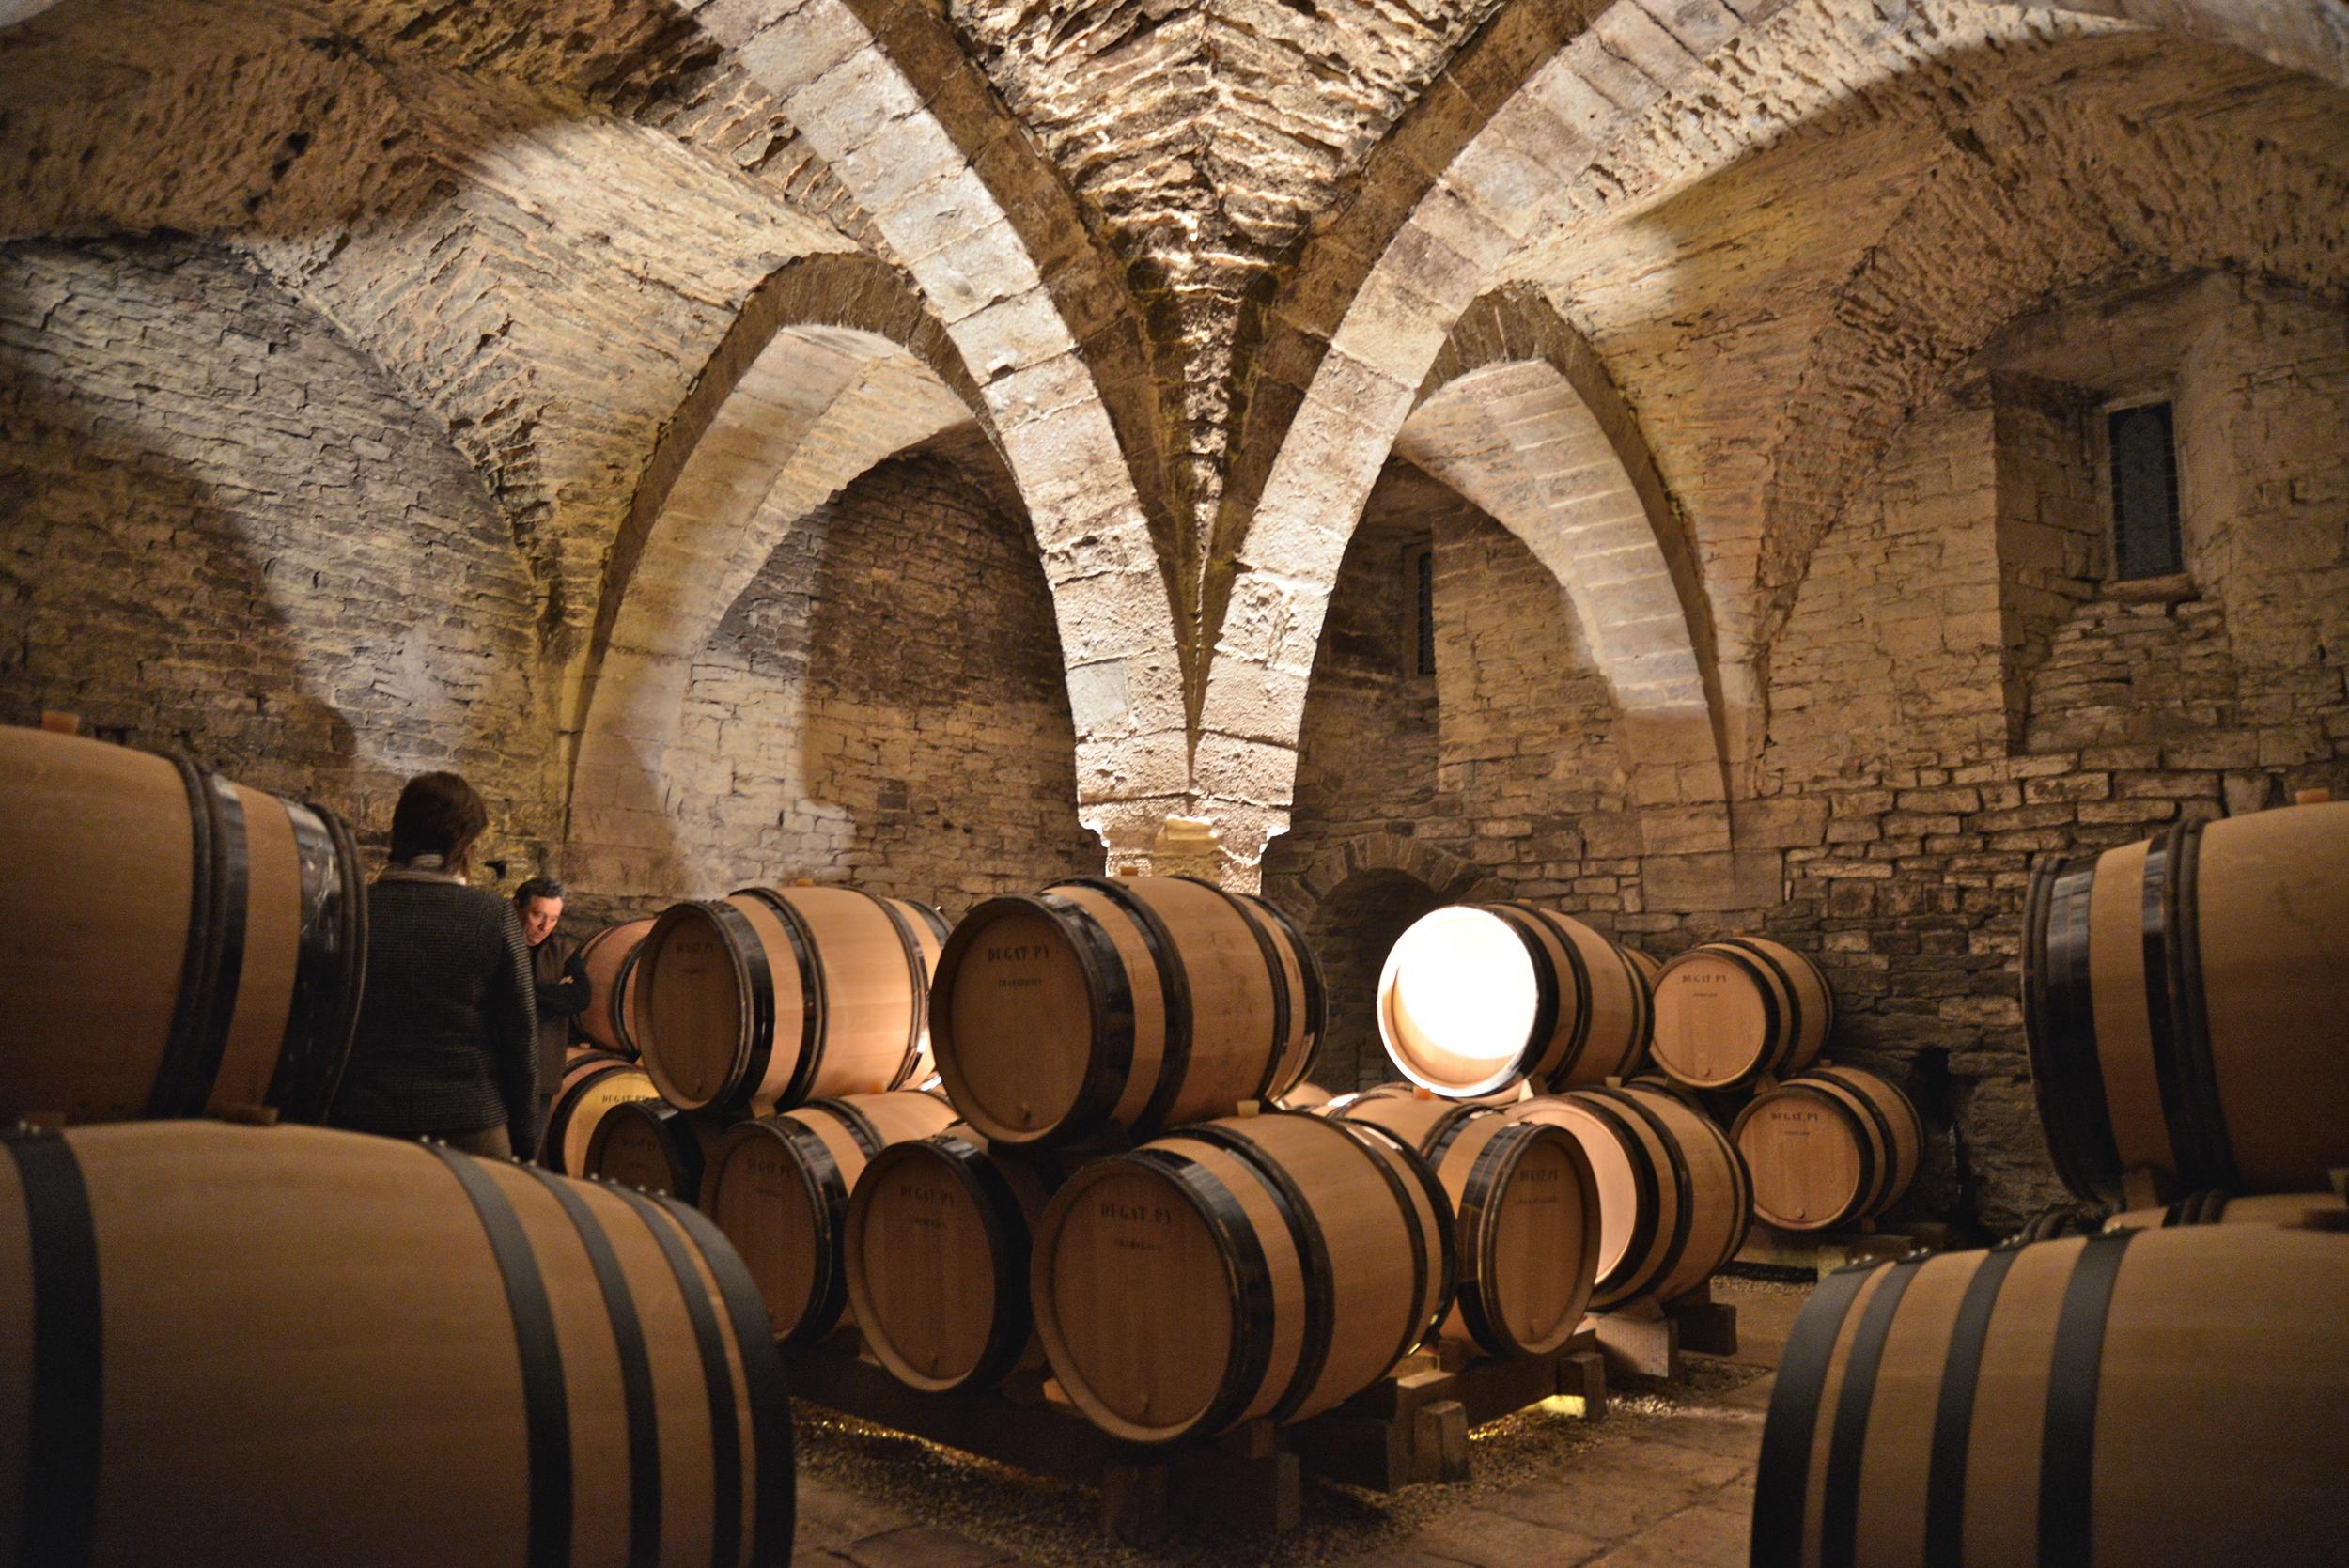 The 9 century cellars of Dugat-Py, Gevrey Chambertin, Burgundy